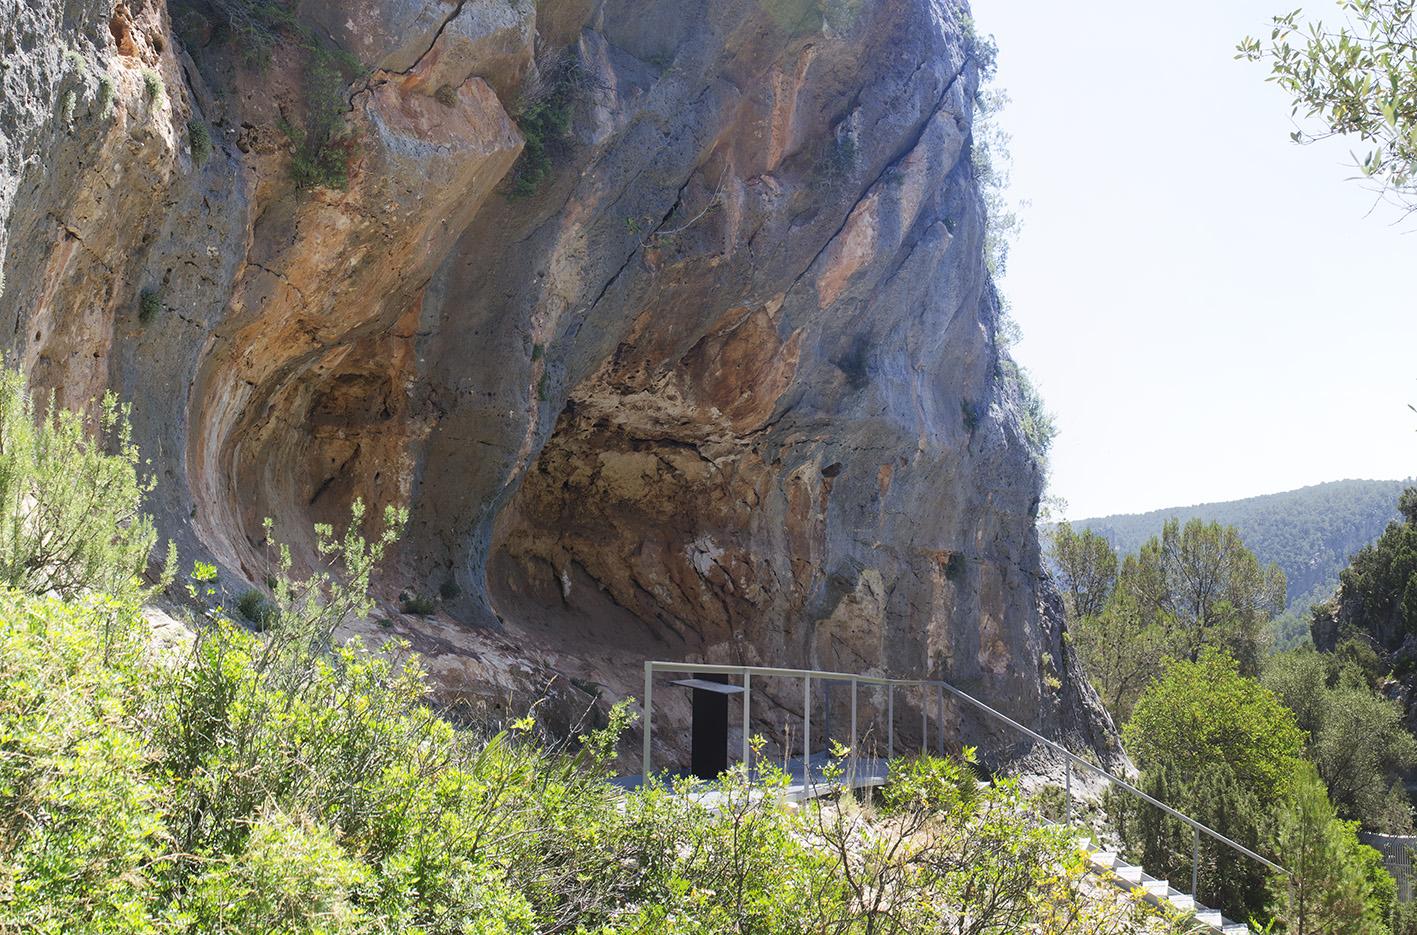 El IVCR+i y la Universidad de Alicante investigan los pigmentos utilizados en las pinturas rupestres de las cuevas de la Araña en Bicorp